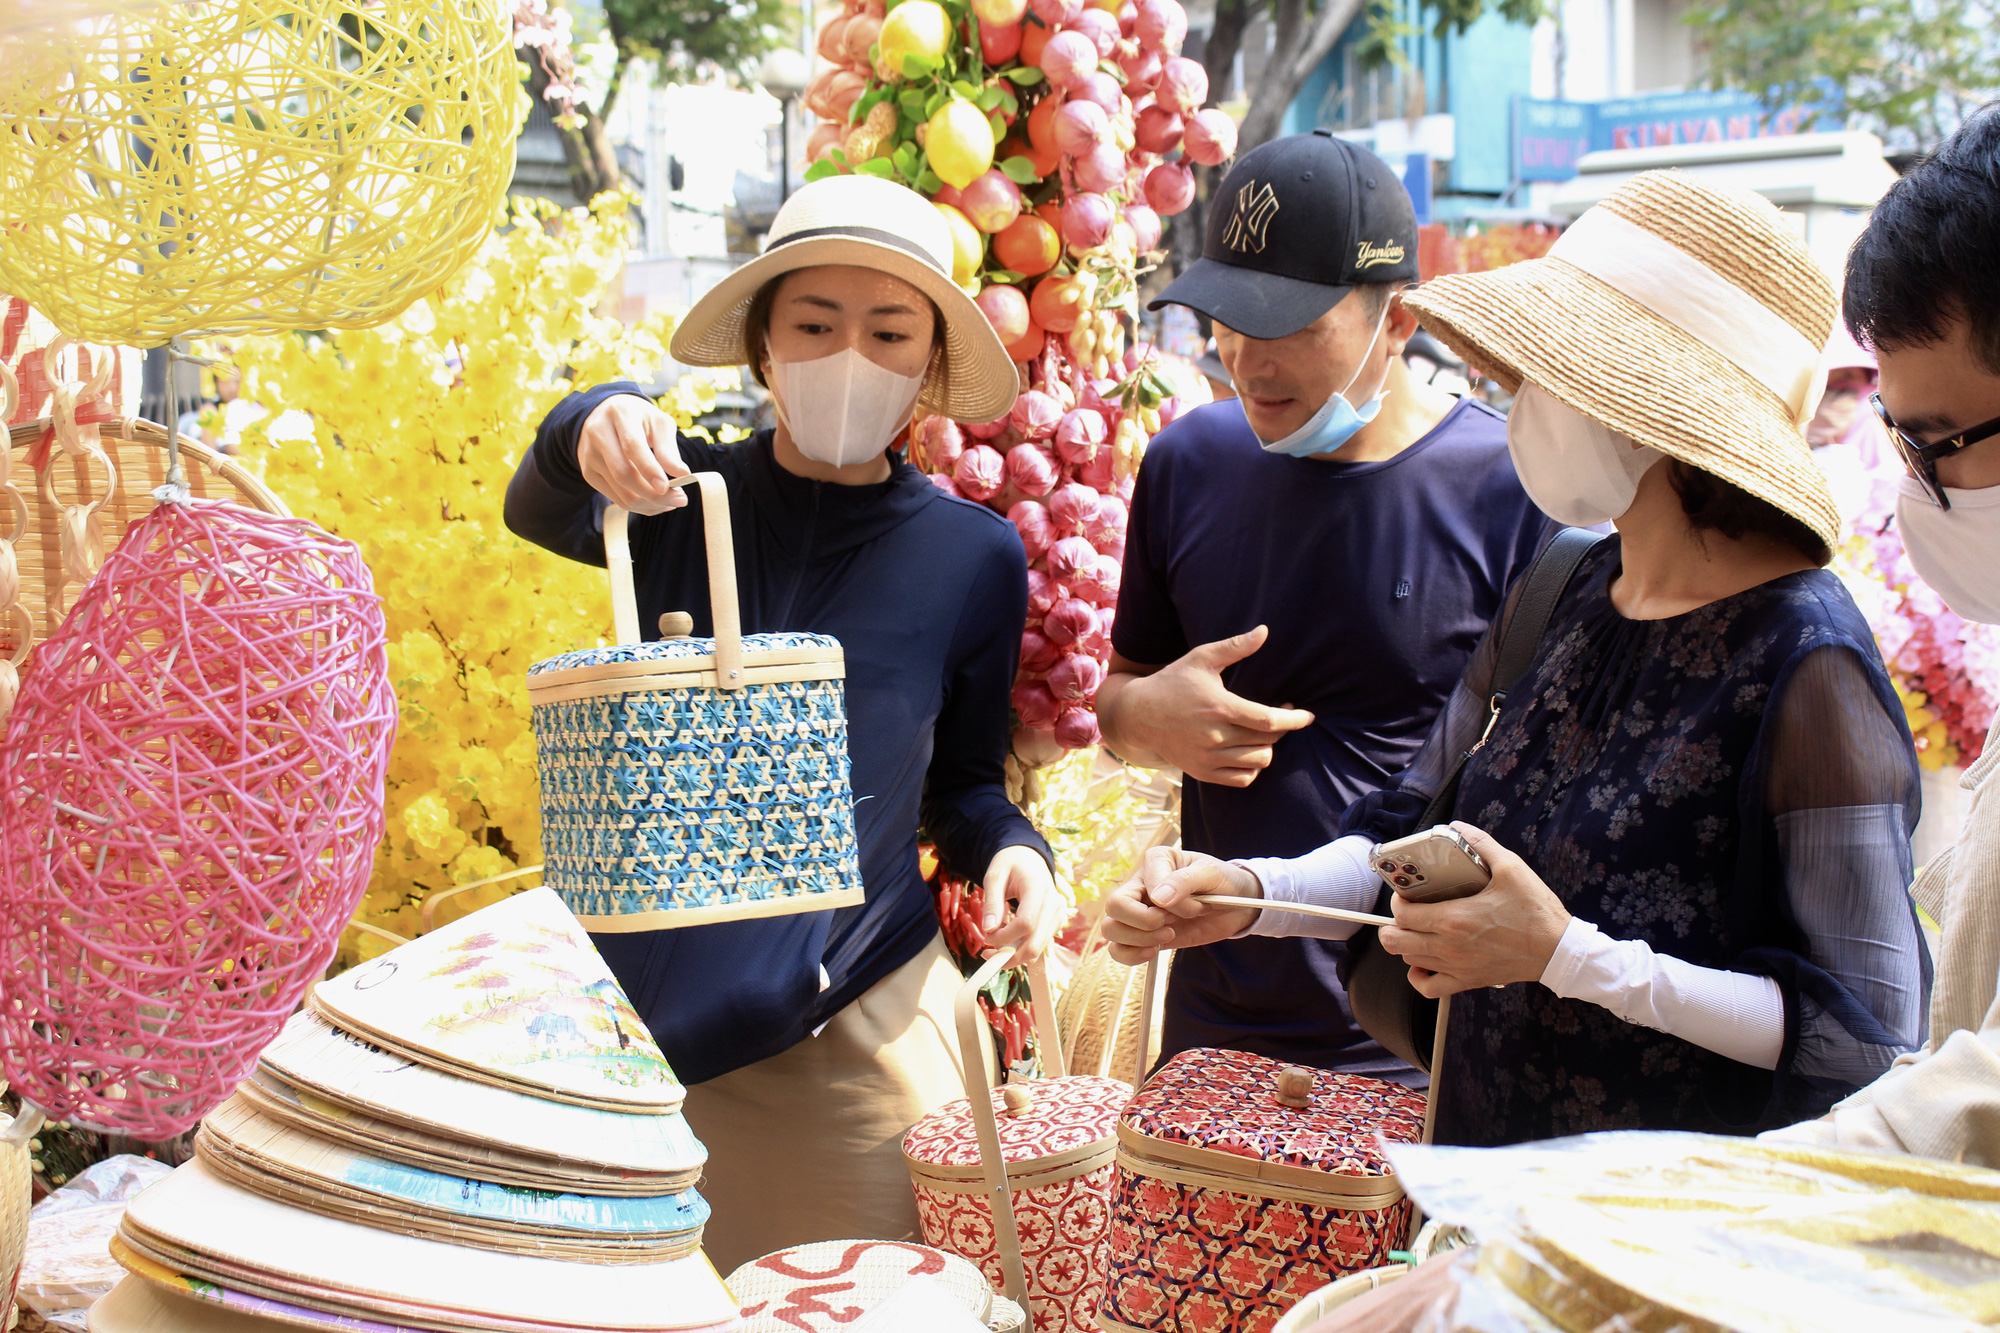 Giới trẻ check-in tuyến đường tết đỏ rực ở Sài Gòn, người bán vui vẻ nhưng tiết lộ điều này - Ảnh 7.